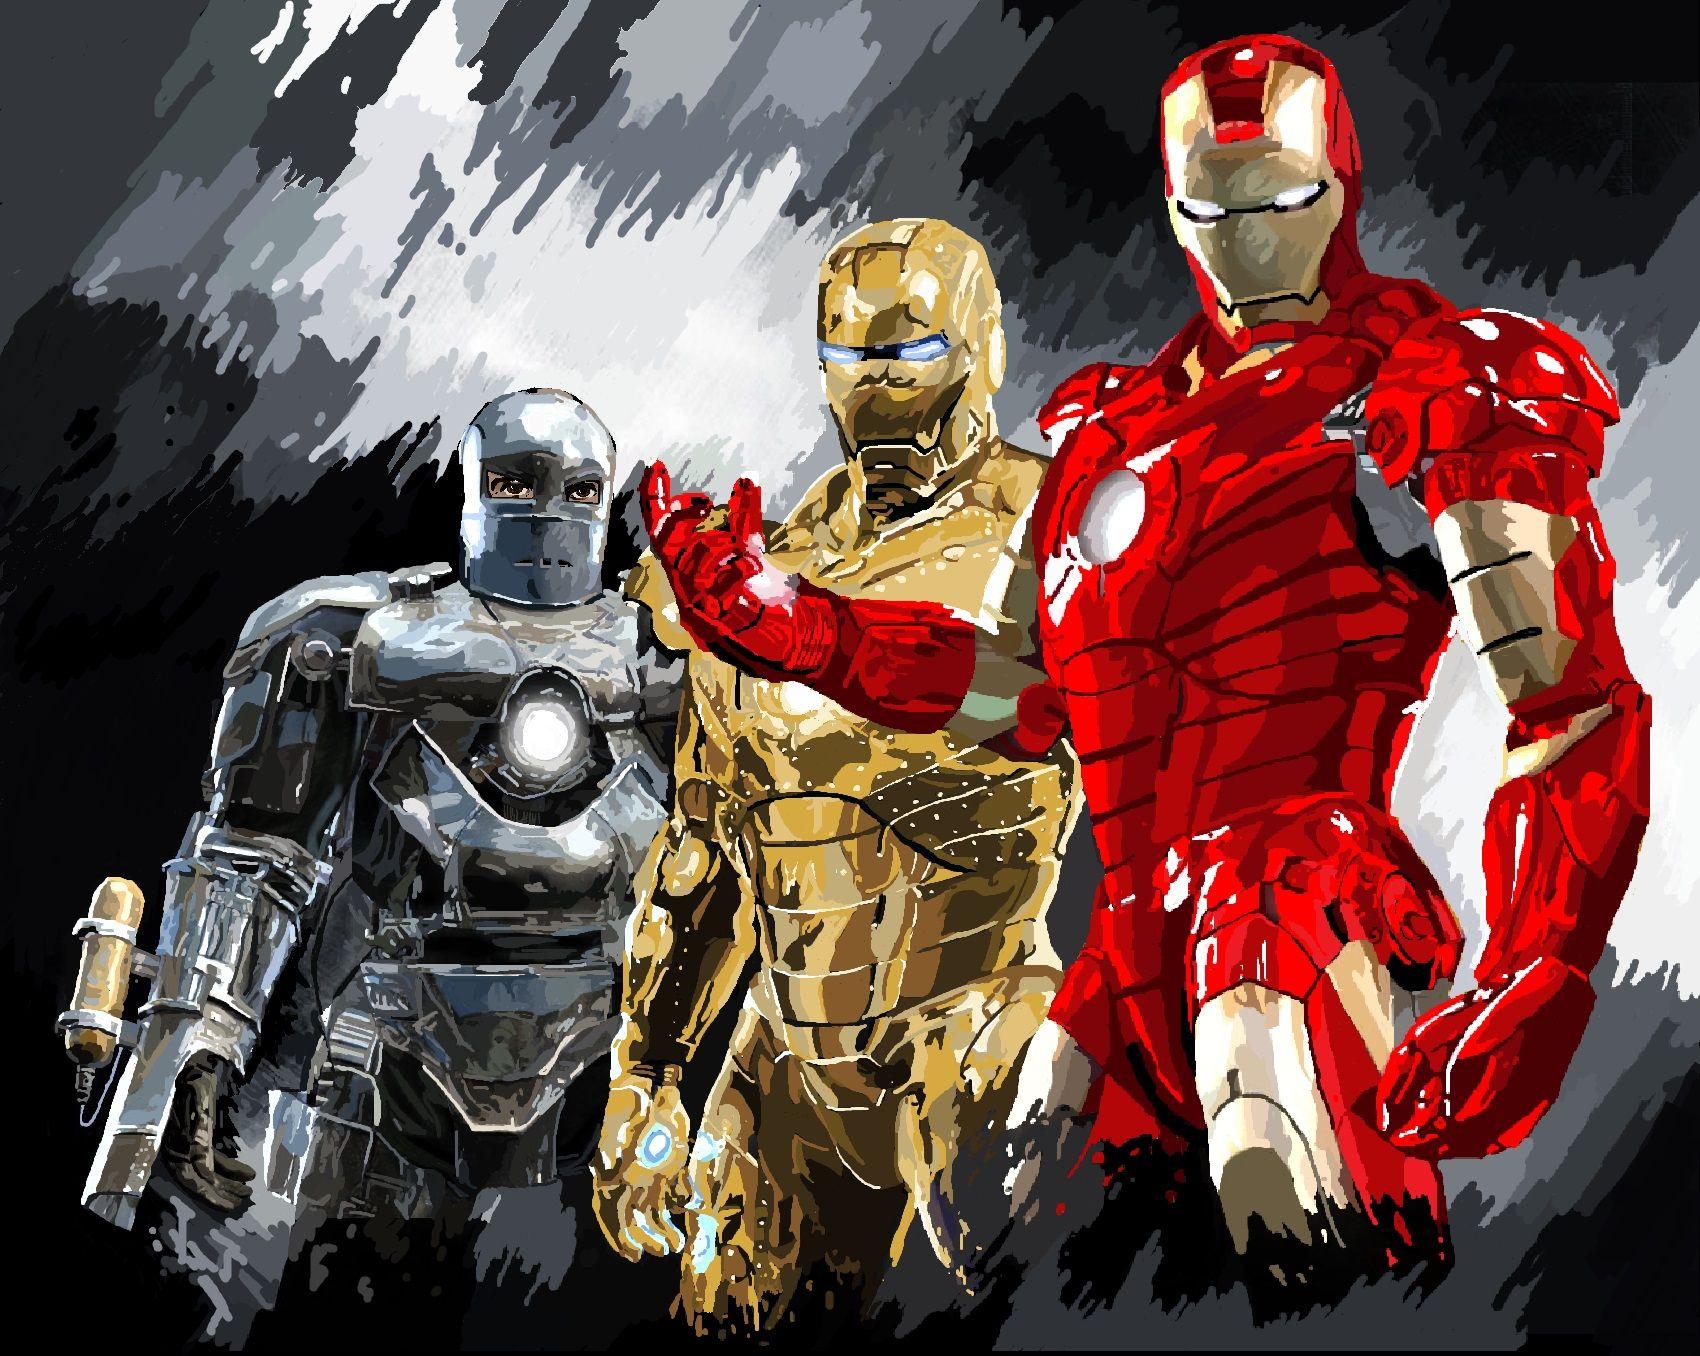 Iron Man (Movie Version; Game artwork) Iron man movie